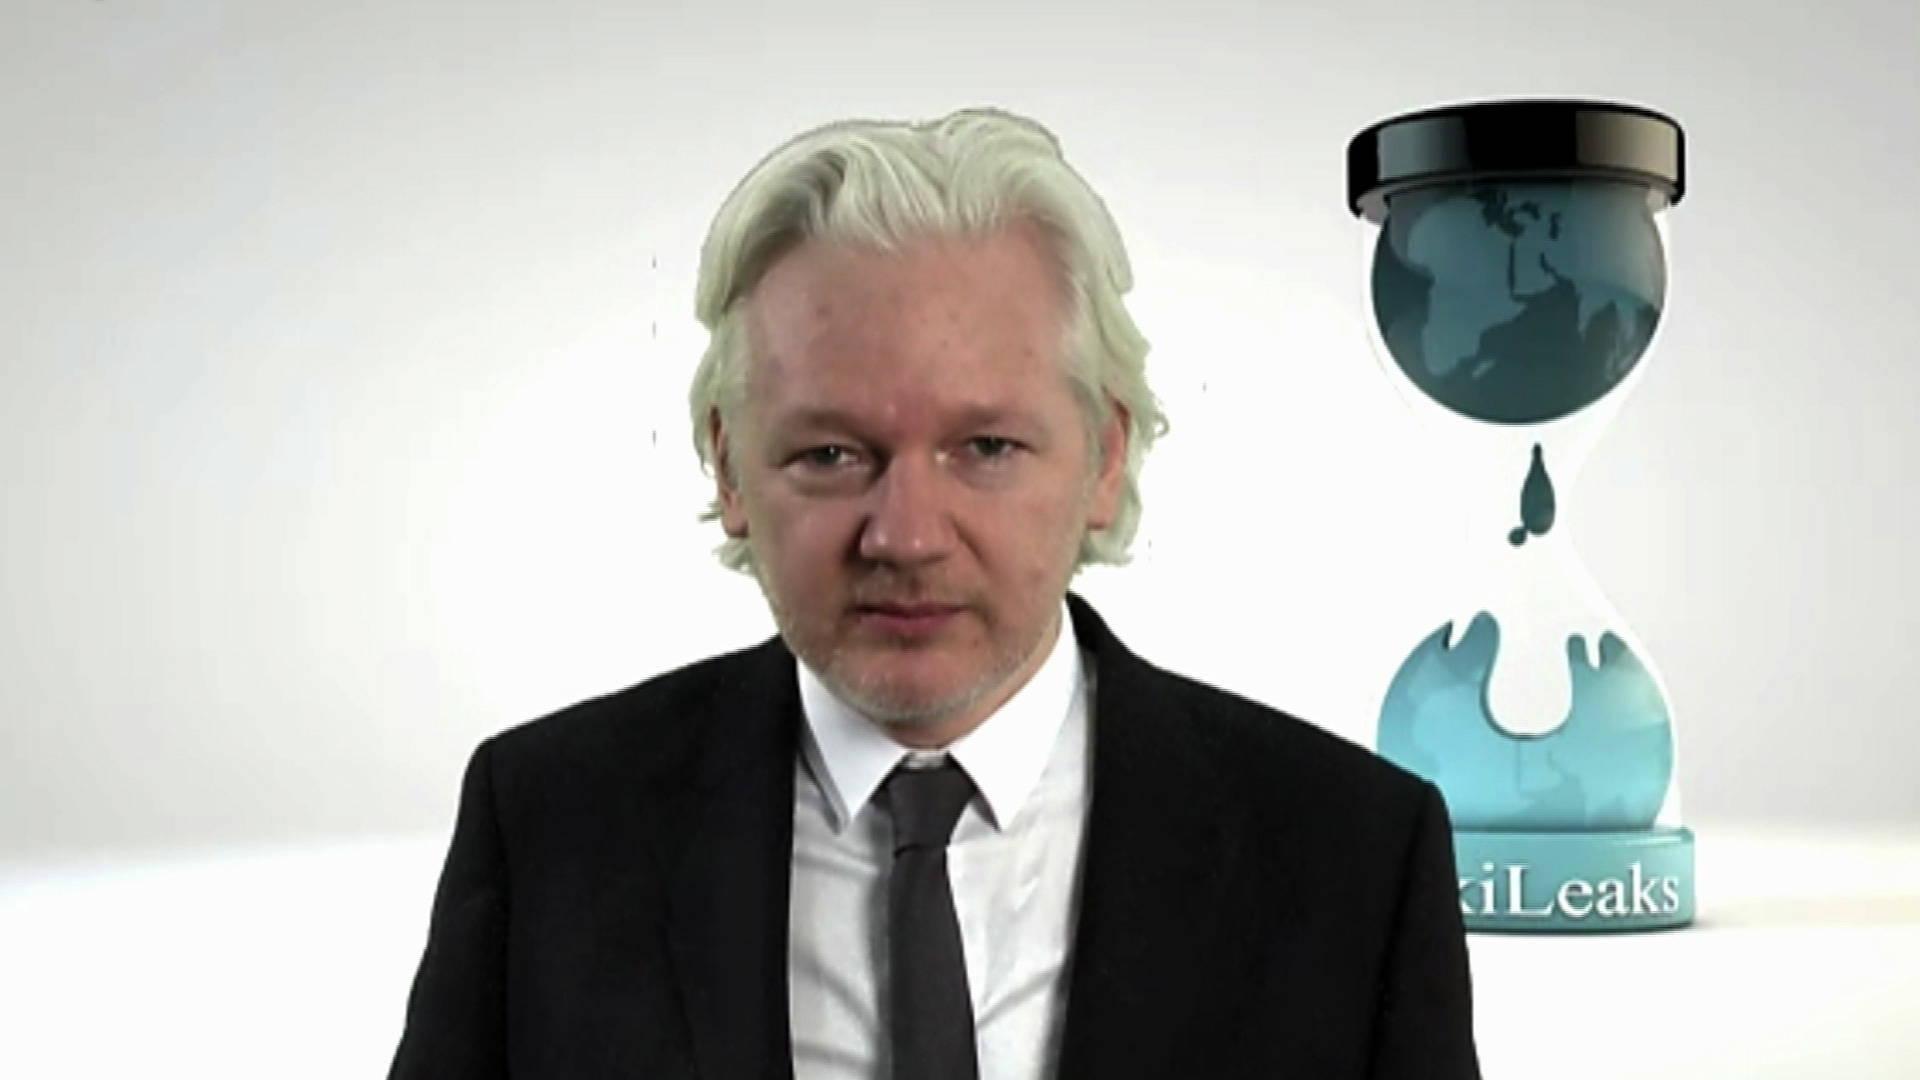 Julian Assange Wallpaper